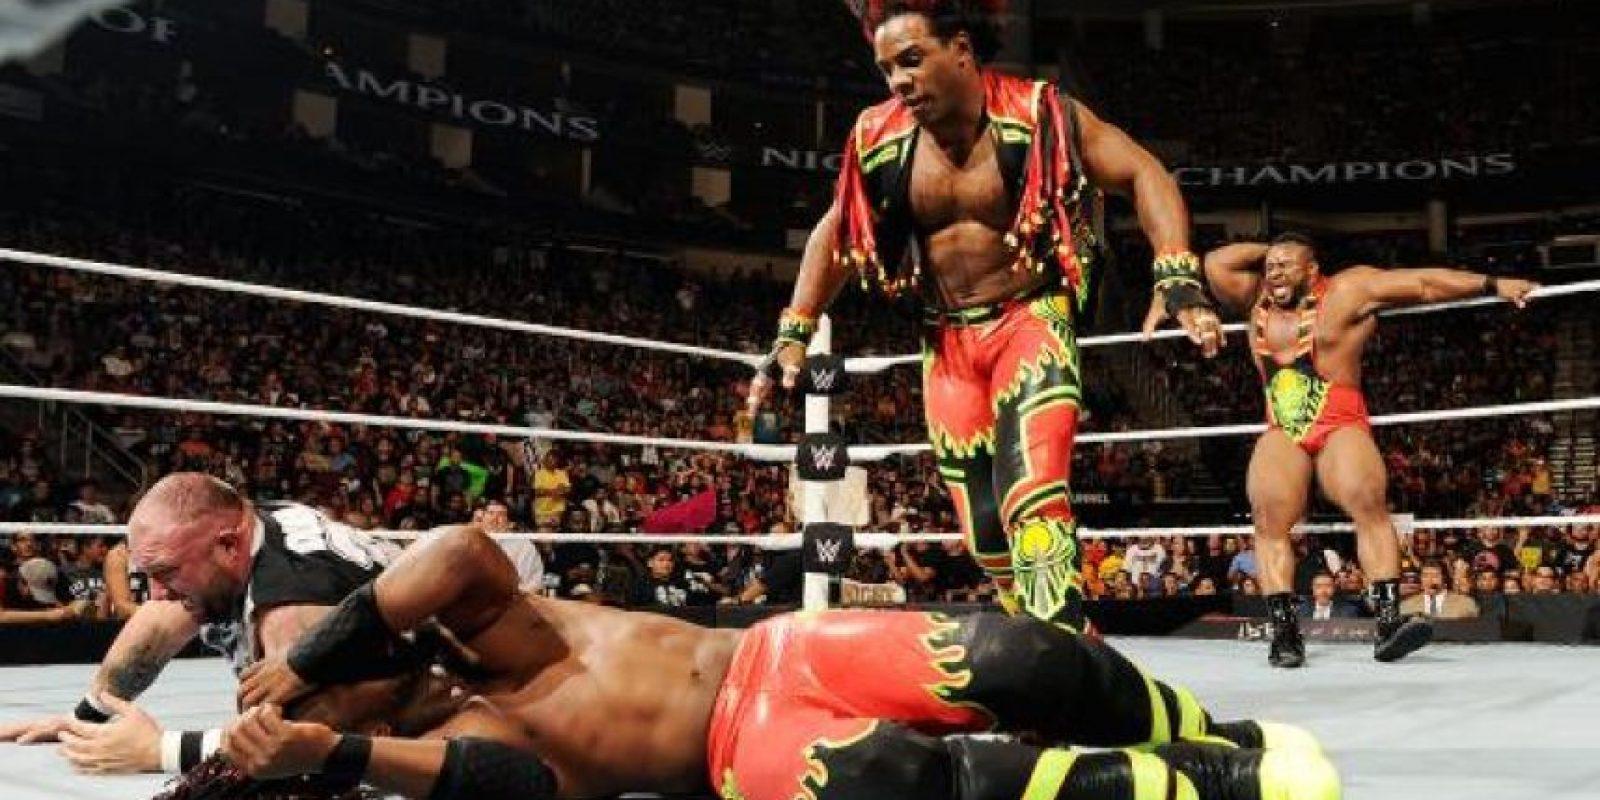 Fueron descalificados por la intervención de Xavier Woods, pero siguen siendo los monarcas. Foto:WWE